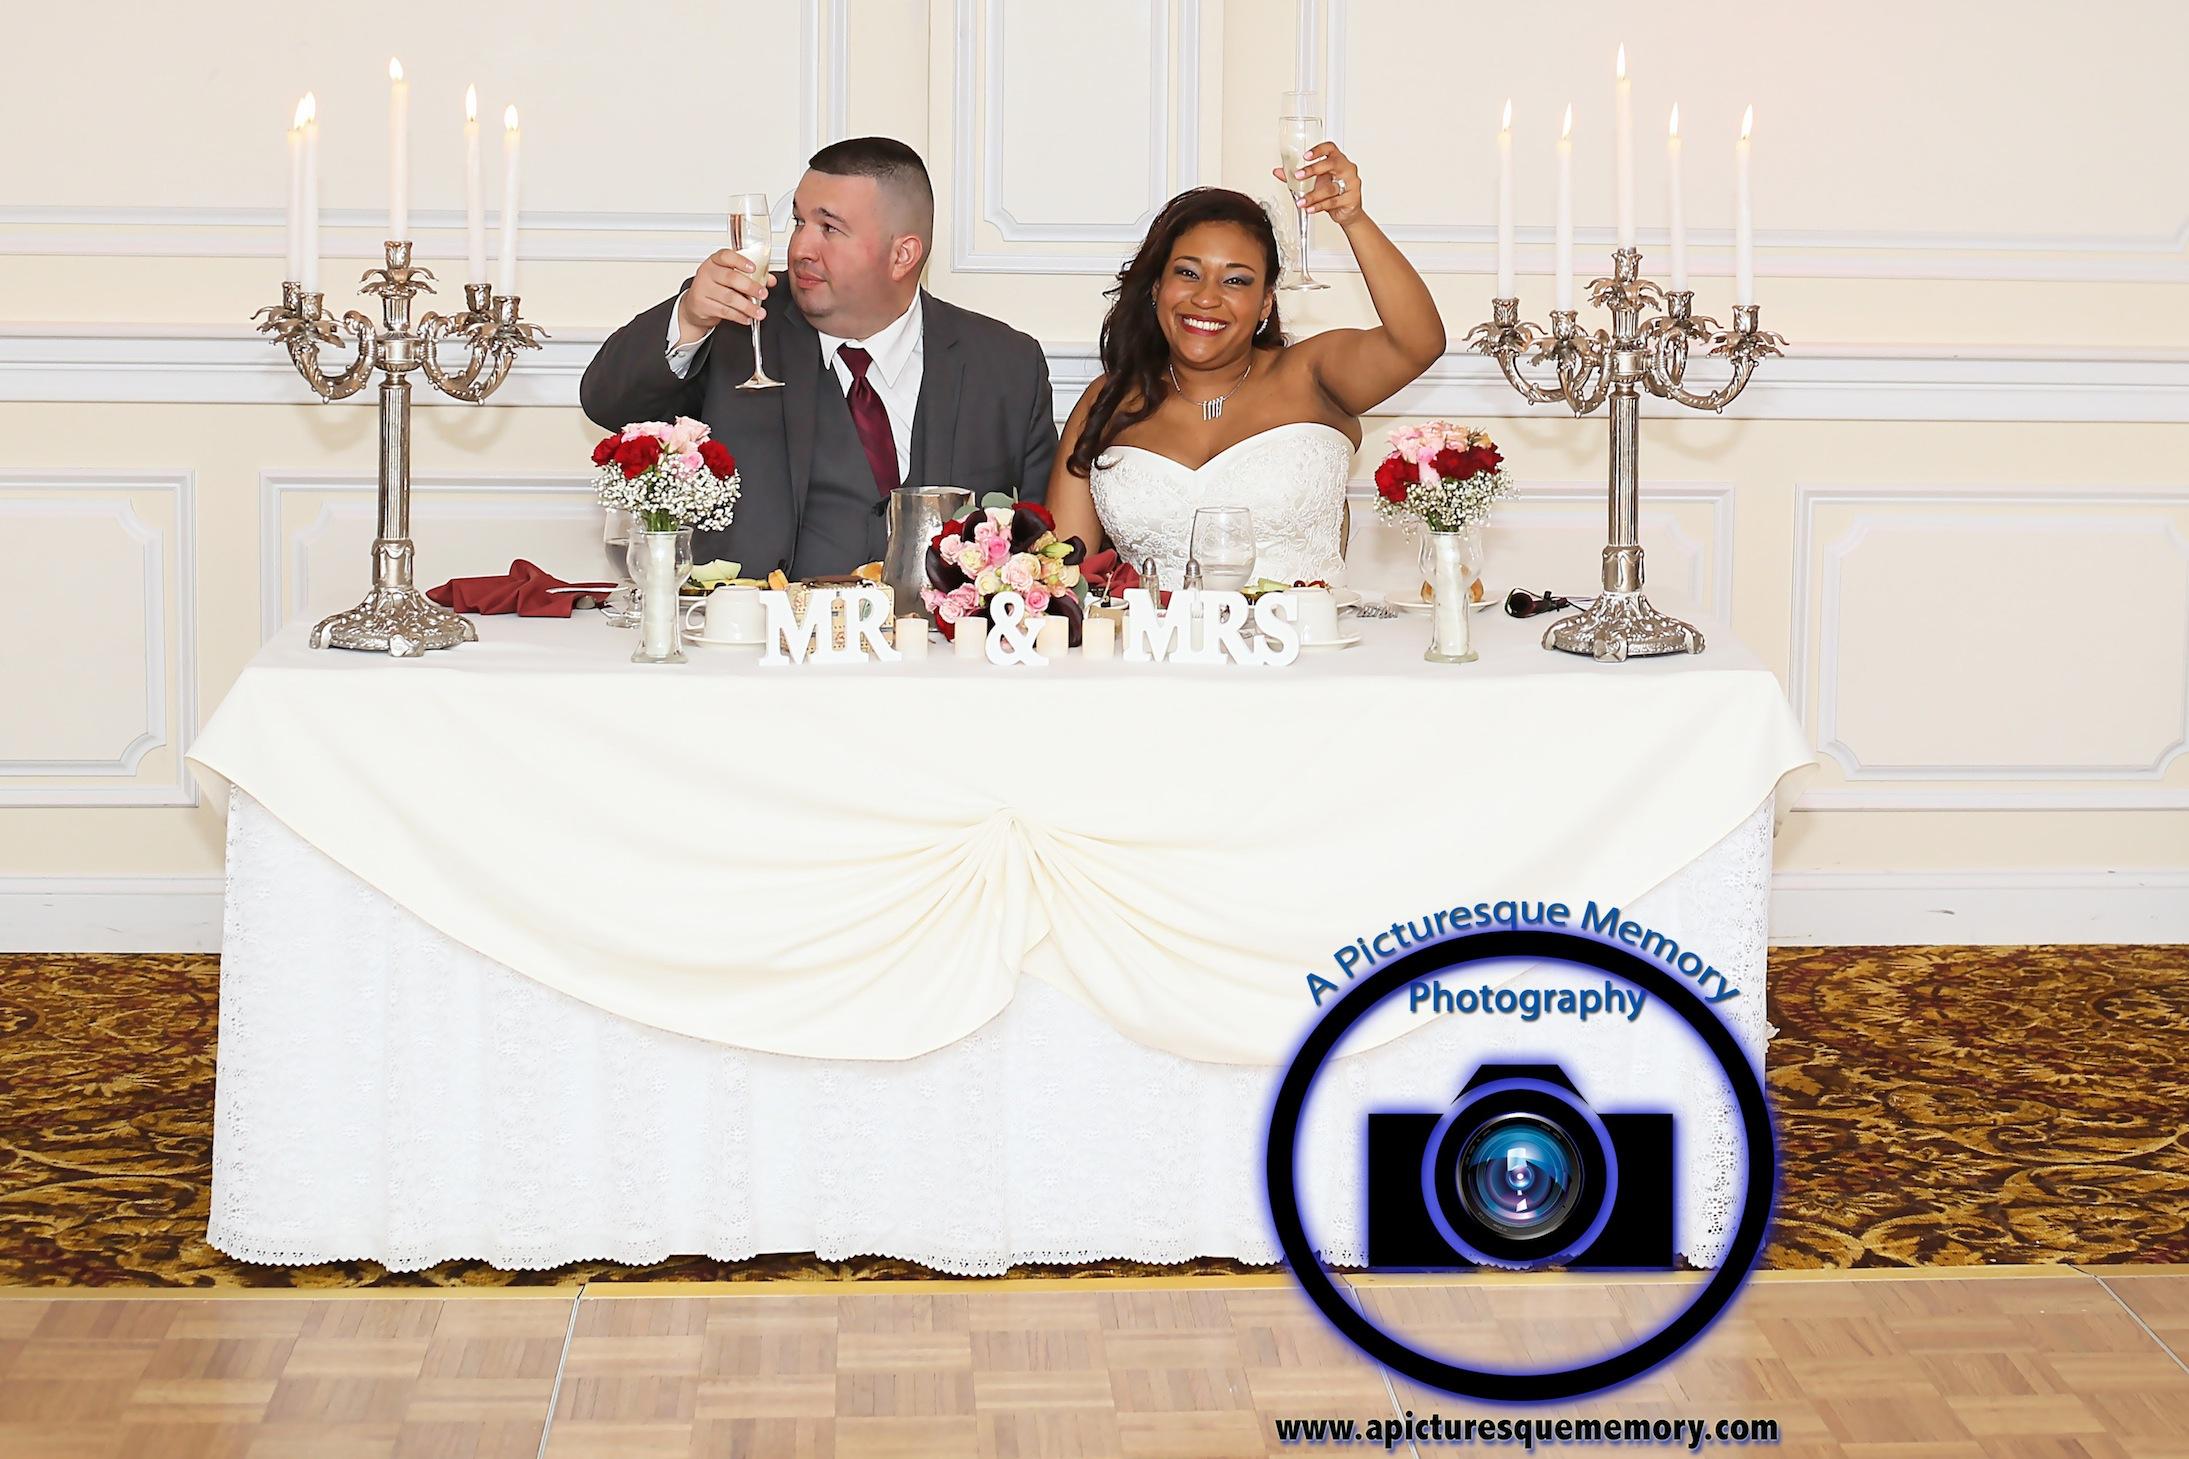 #njwedding, #njweddingphotography, #southbrunswickweddingphotographer#weddingphotos, #apicturesquememoryphotography, #pierresofsouthbrunswickweddingphotographer, #brideandgroomcheers